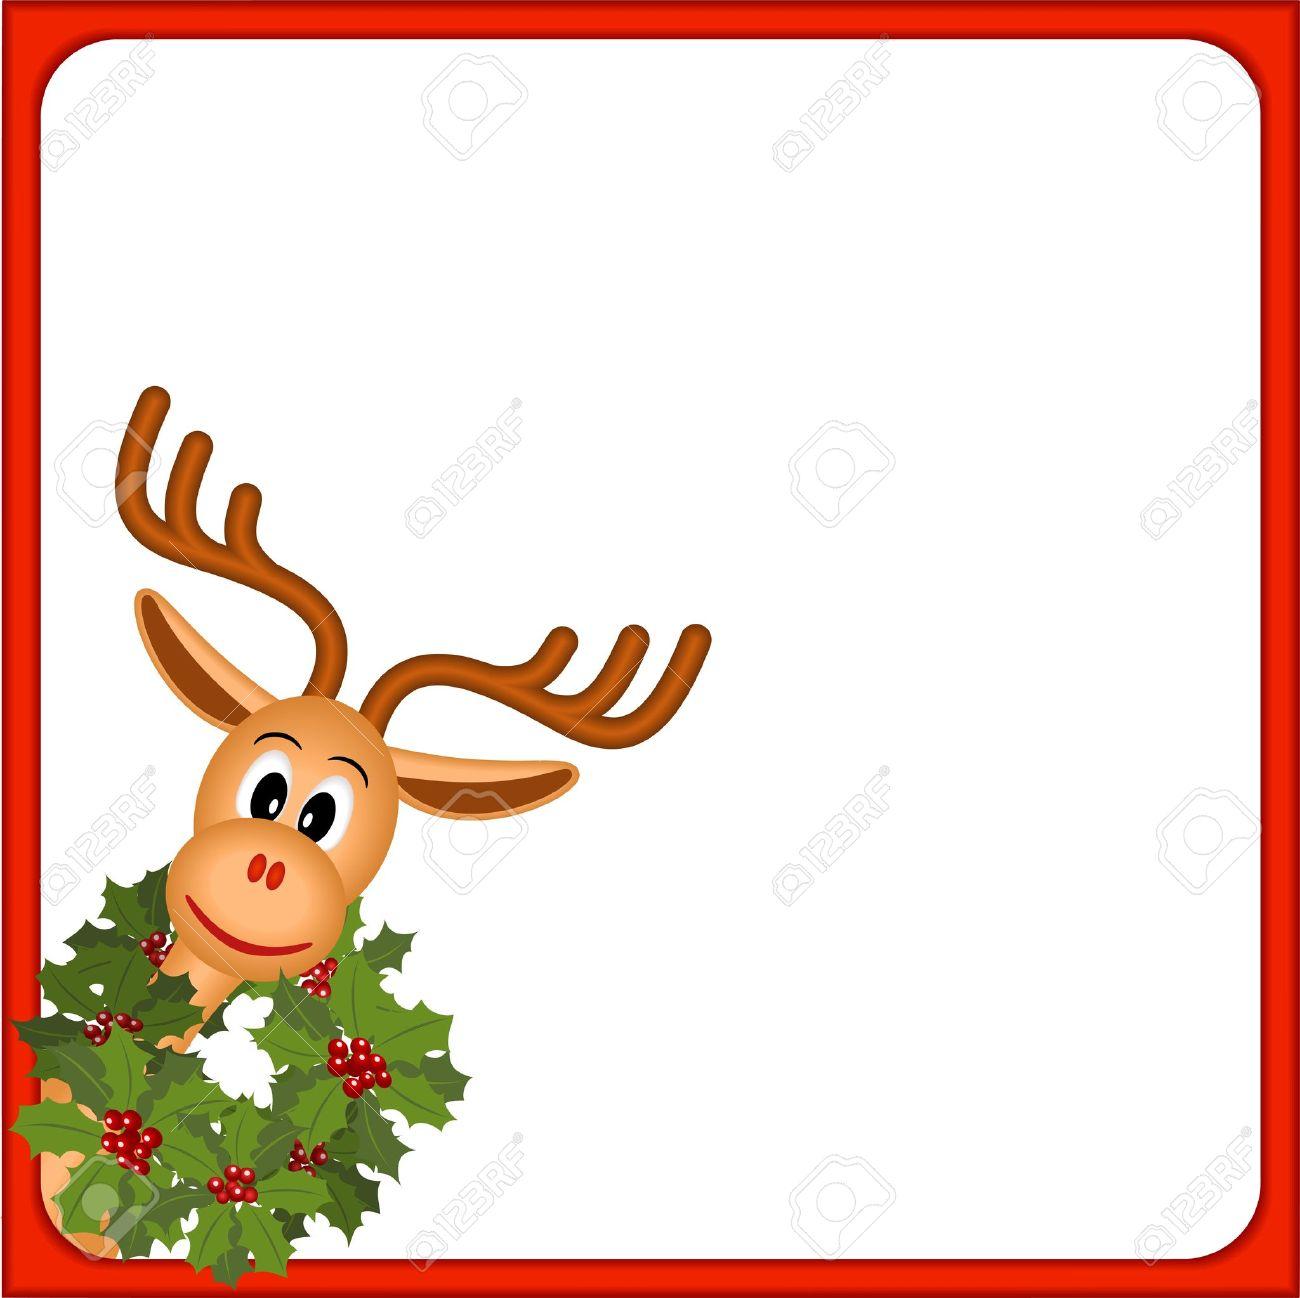 Reindeer games cliparts.